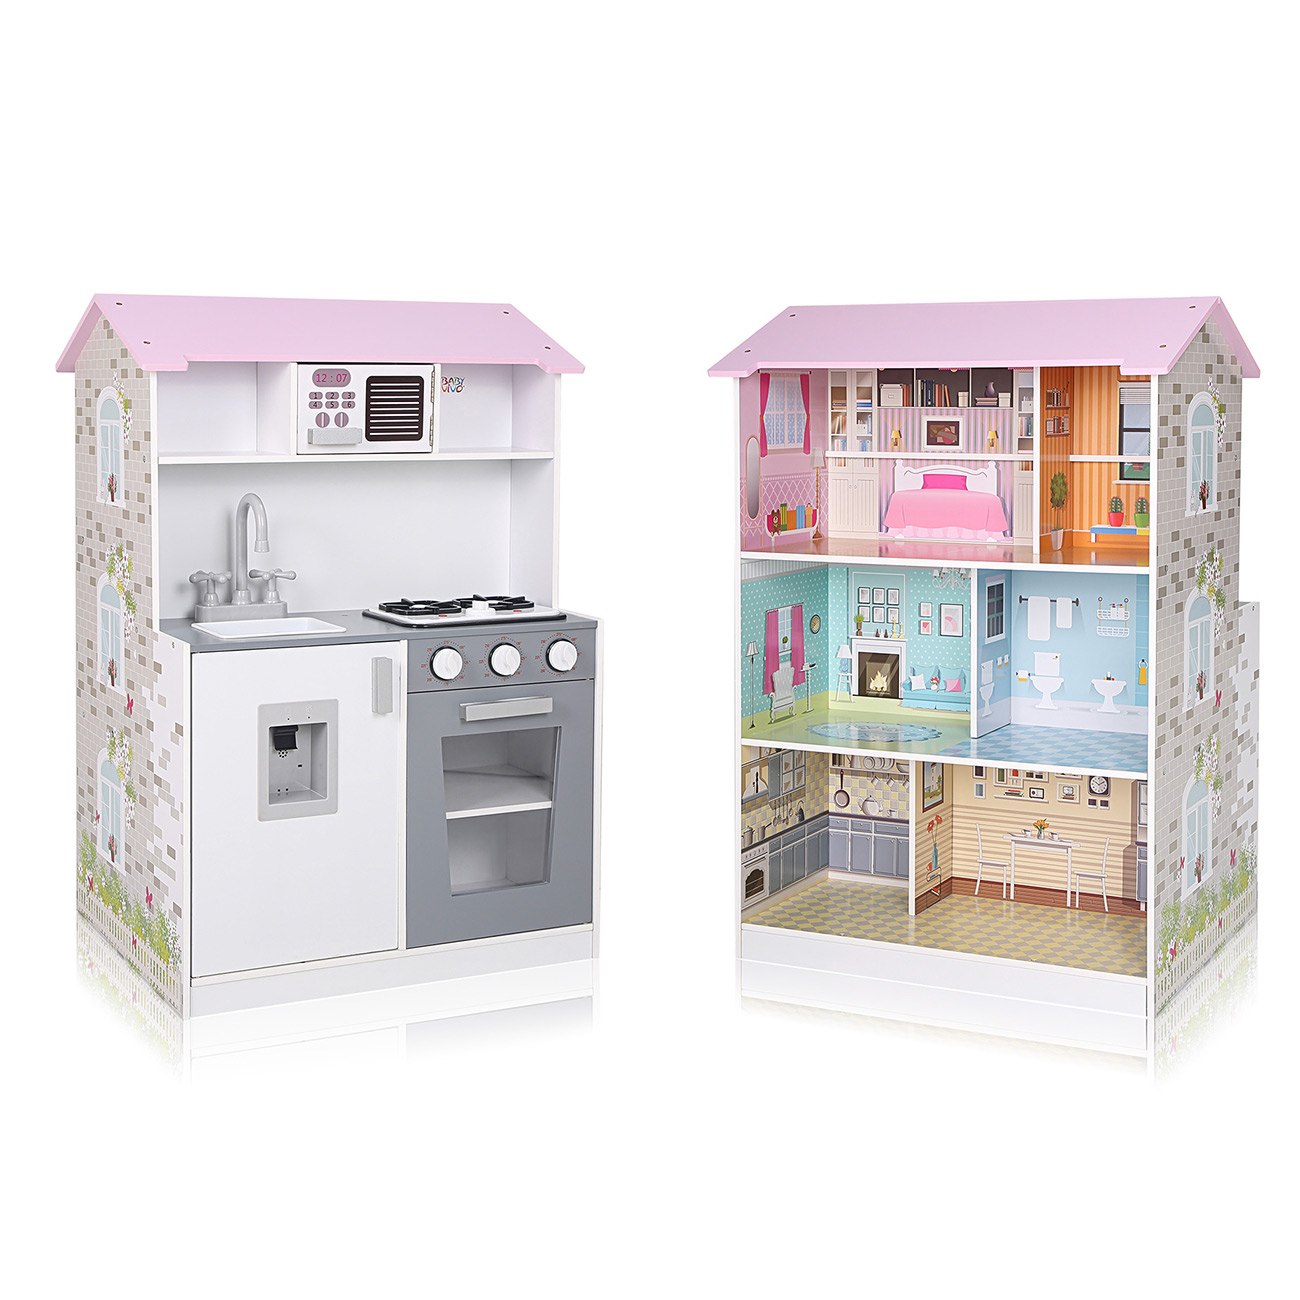 Baby Vivo Cucina Per Bambini E Casa Delle Bambole 2in1 Mira In Legno Ma Trading